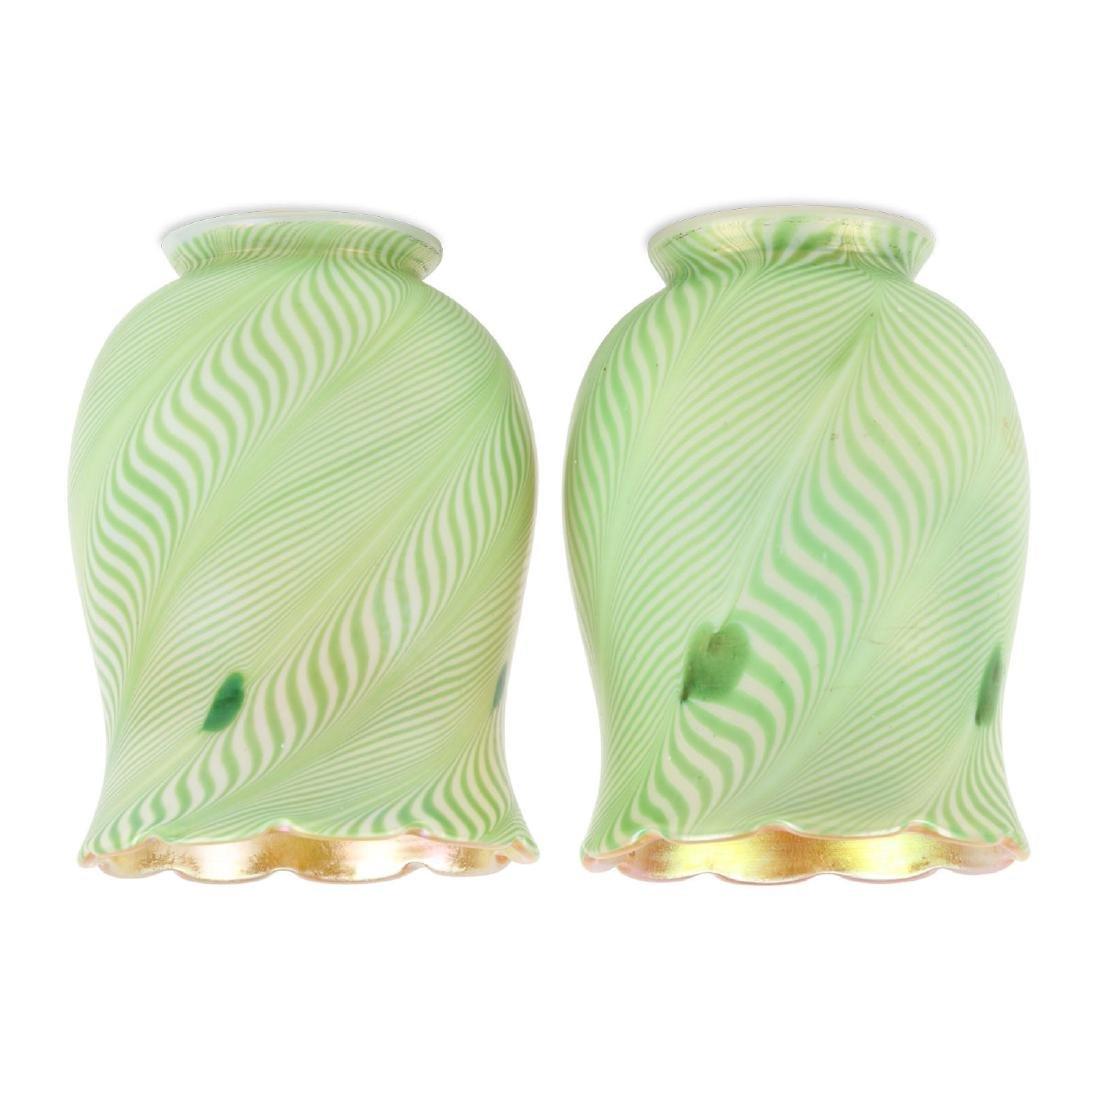 Steuben Art Glass Shades